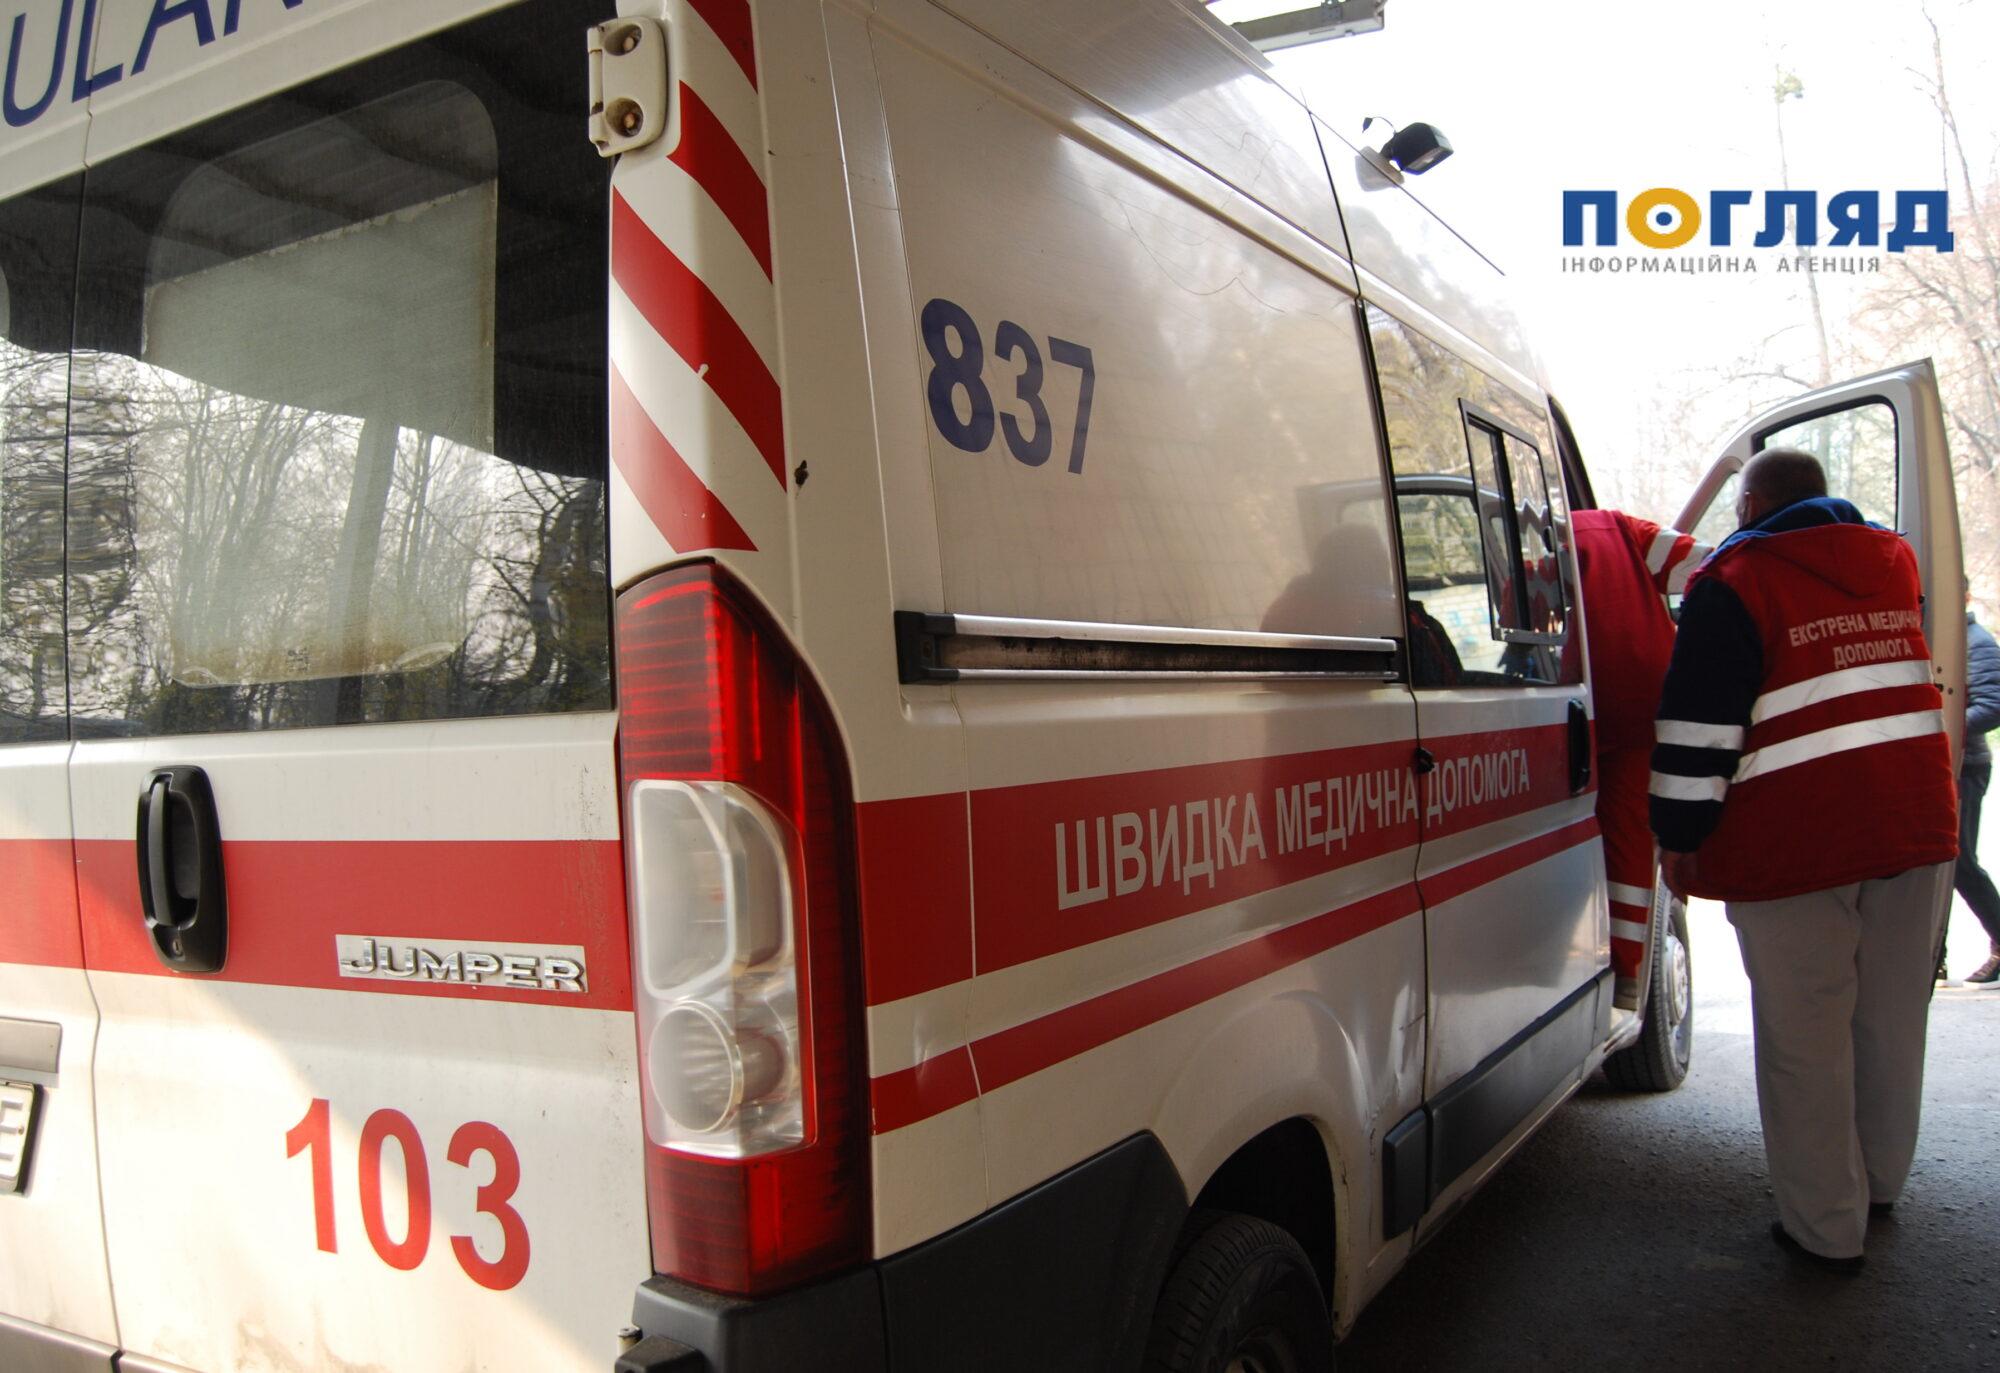 На екстрену допомогу в Україні виділять більше 2 млрд грн -  - 000DSC 4061 1 2000x1373